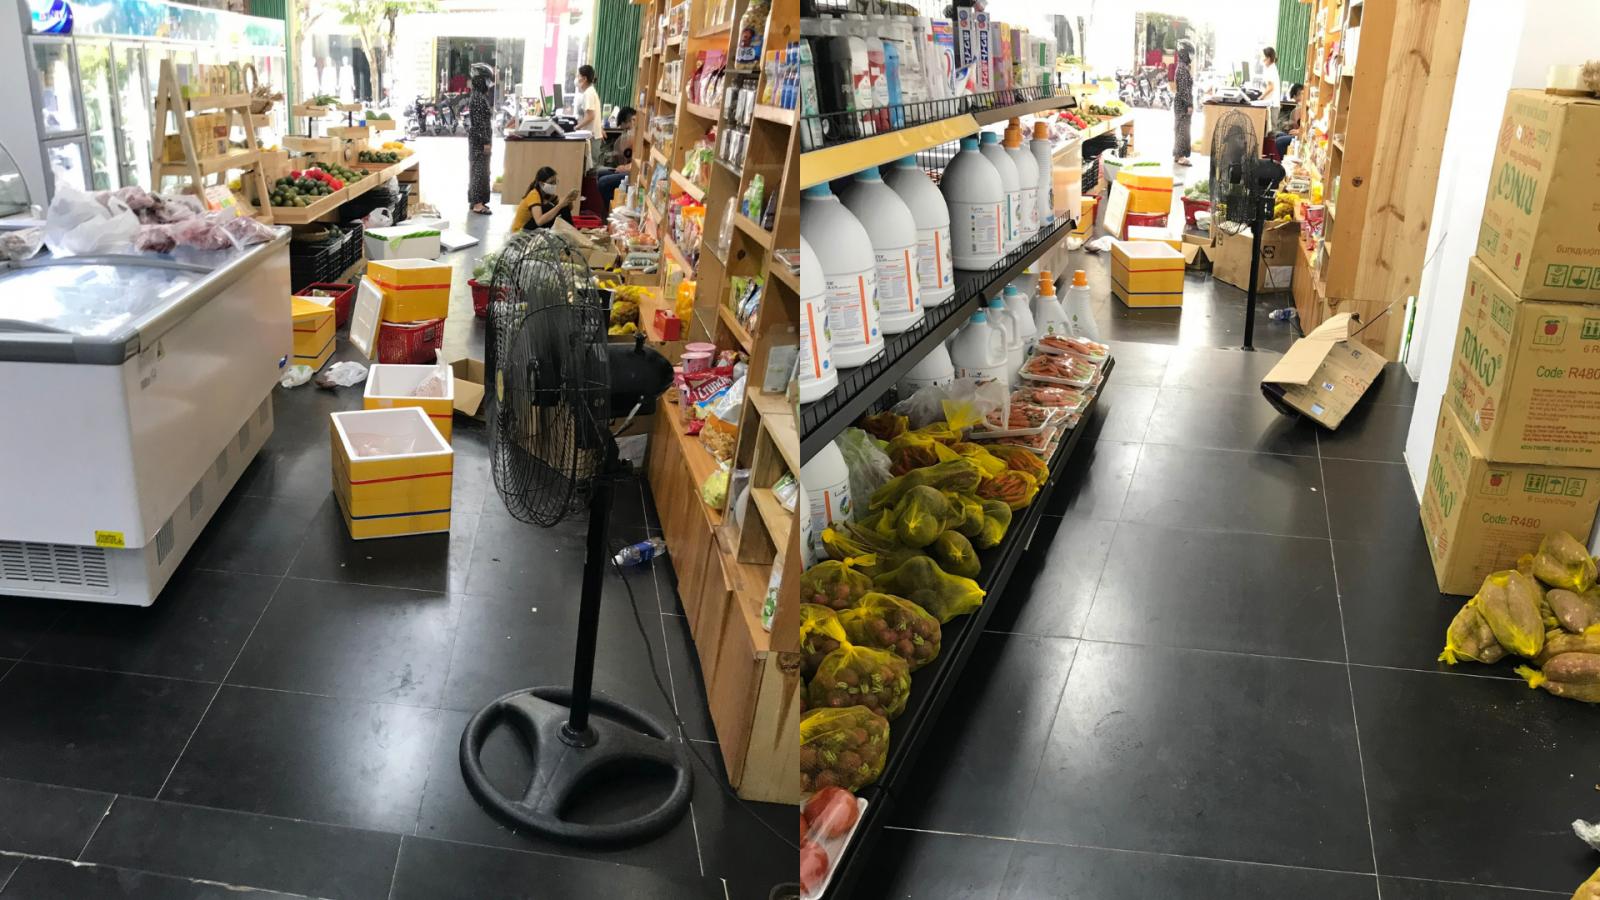 Khi hay tin thực phẩm nhận được lại bị hư hỏng, người tiêu dùng đến cửa hàng để tìm lời giải thích thỏa đáng nhưng chủ cửa hàng không tiếp còn doạ sẽ báo công an.